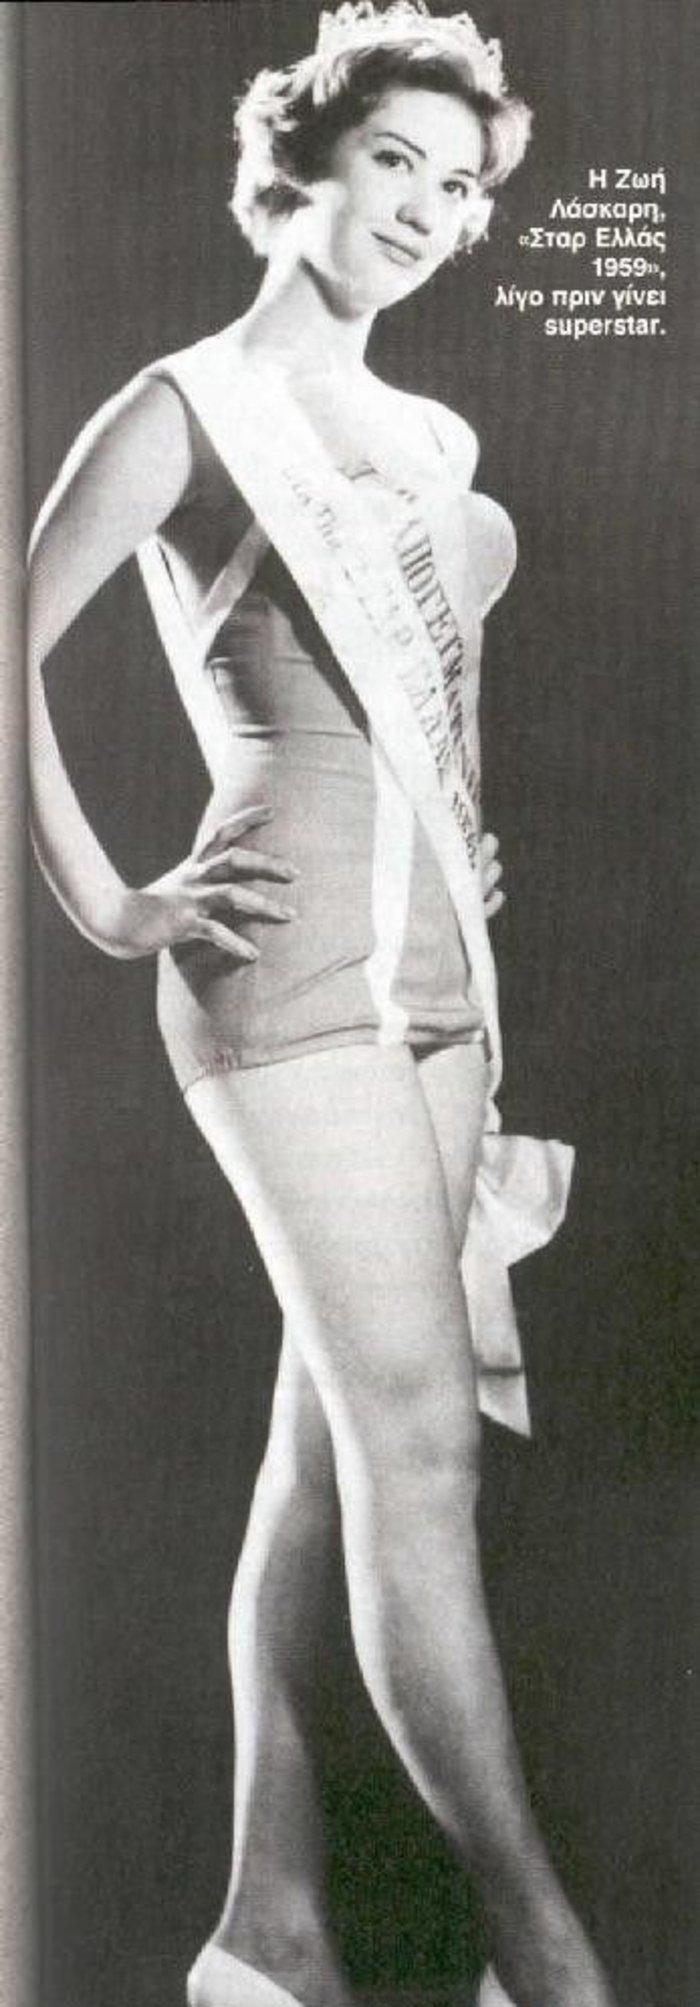 Ζωή Λάσκαρη: Η Σταρ Ελλάς που έγινε super star μέσα από σπάνιες φωτογραφίες - εικόνα 2